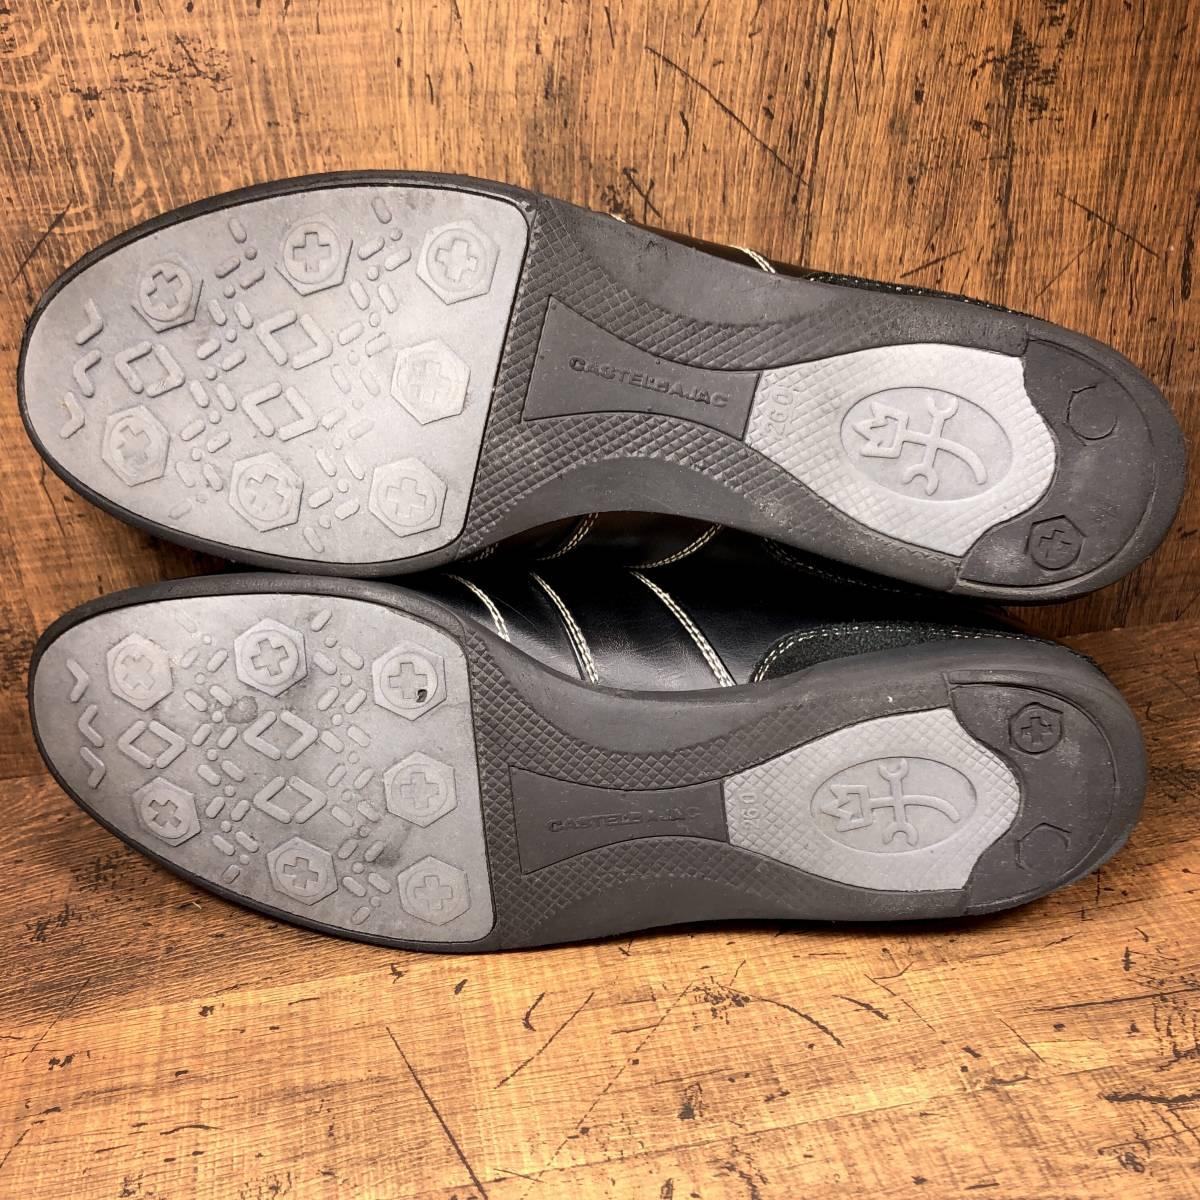 ■CASTELBAJAC■ 26cm 黒 ブラック カステルバジャック スニーカー メンズ 靴 くつ 中古 ヤフネコ 即決_画像6